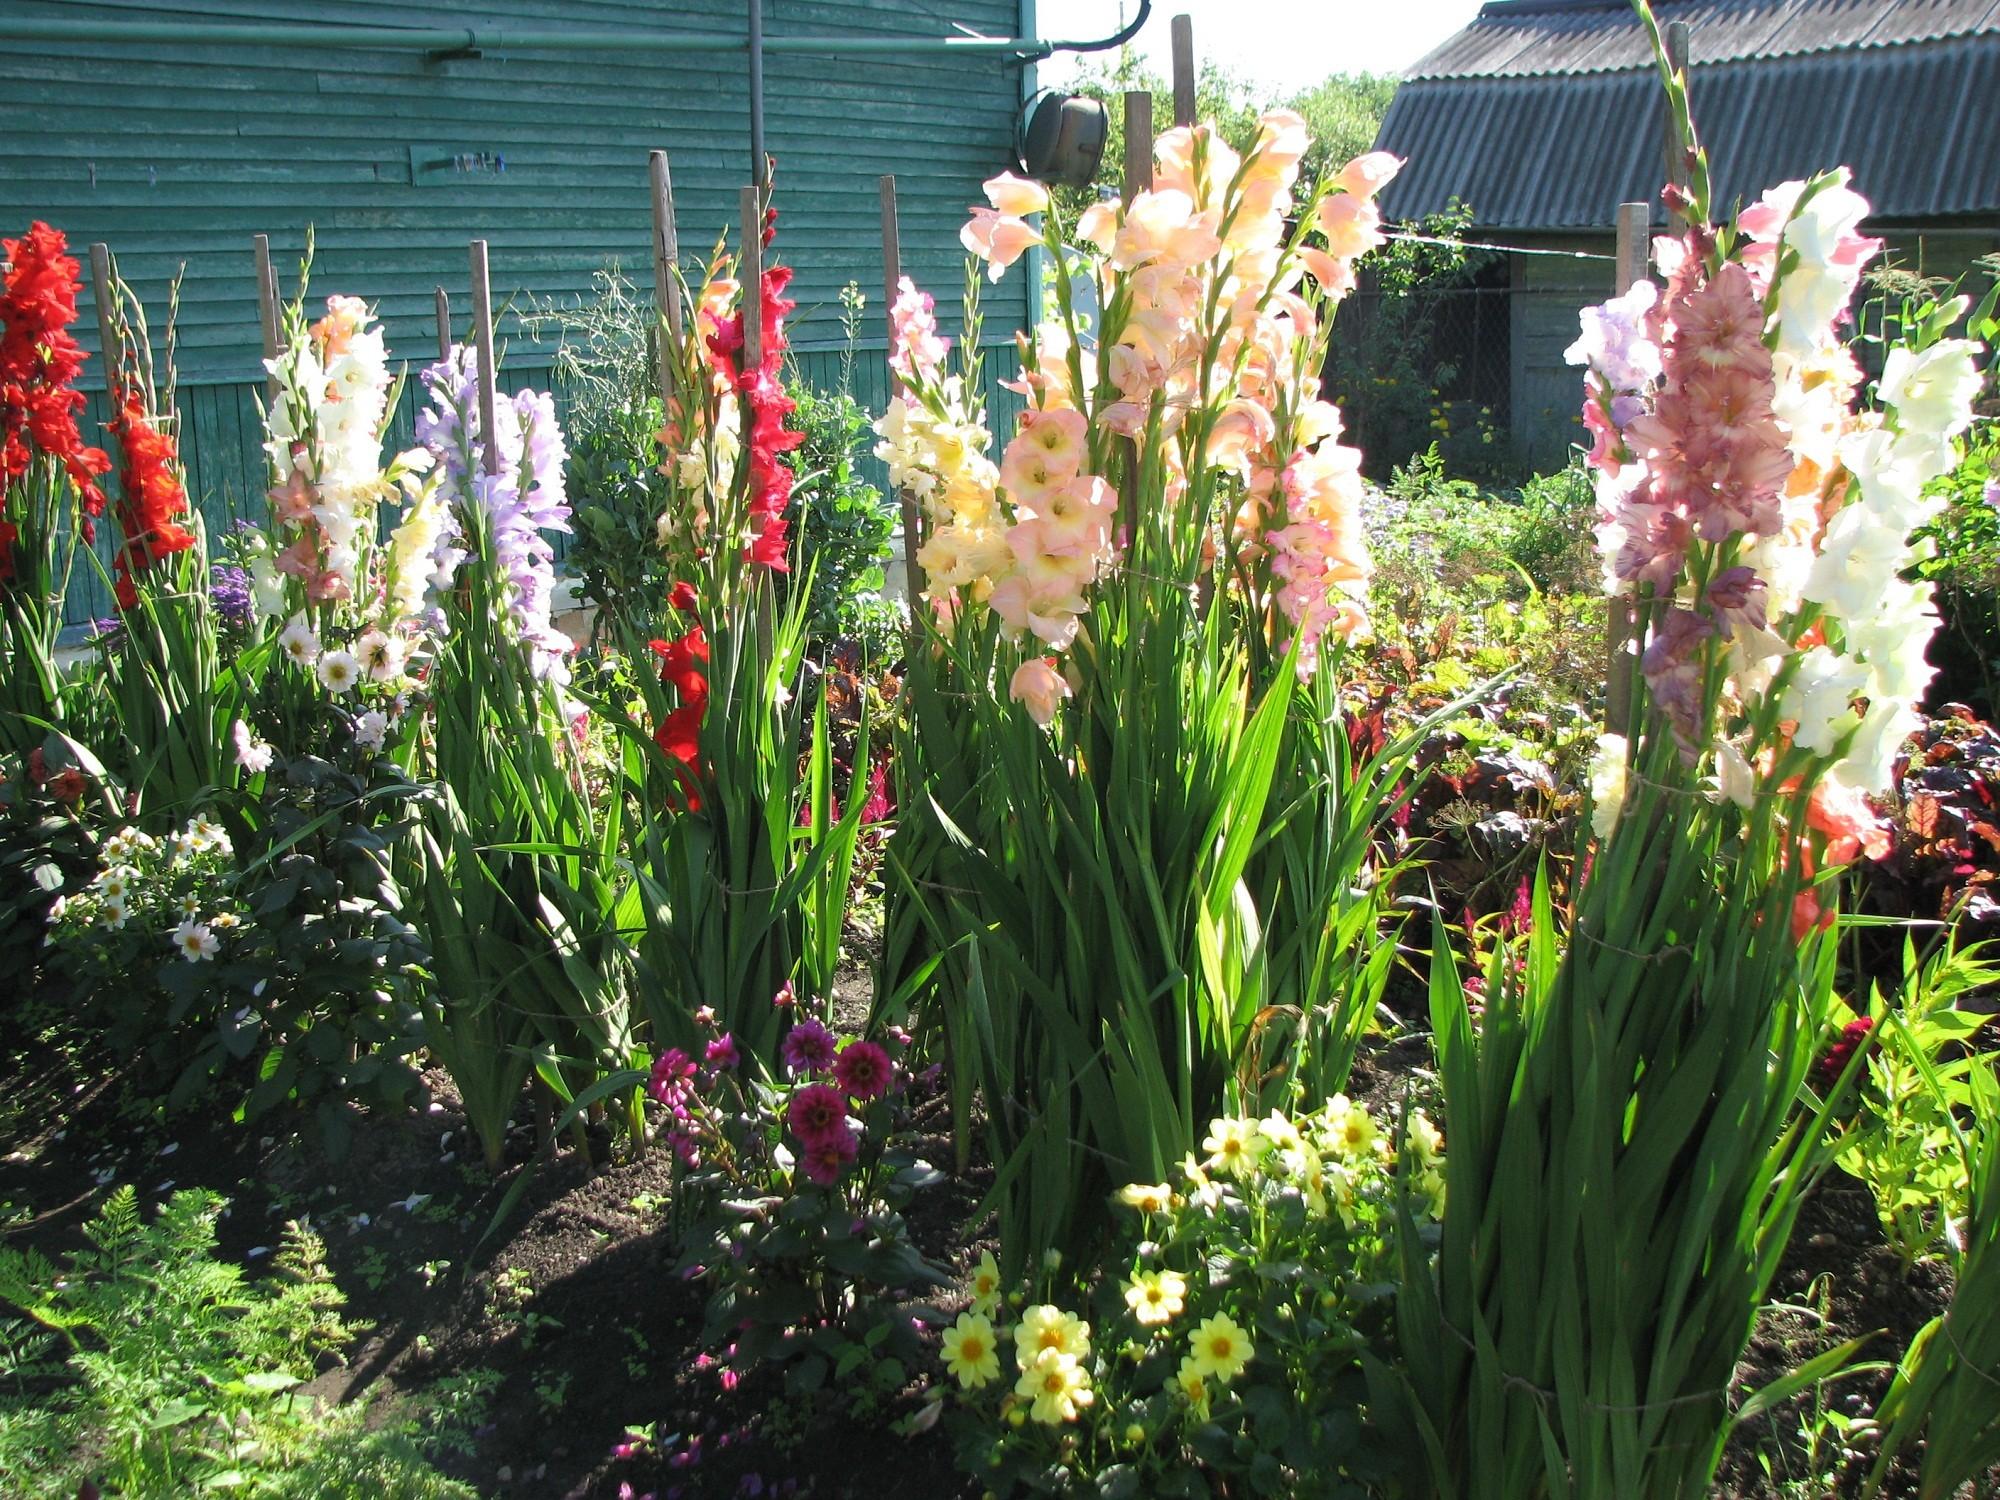 Как получить семена гладиолуса и можно ли вырастить цветы из семян 48